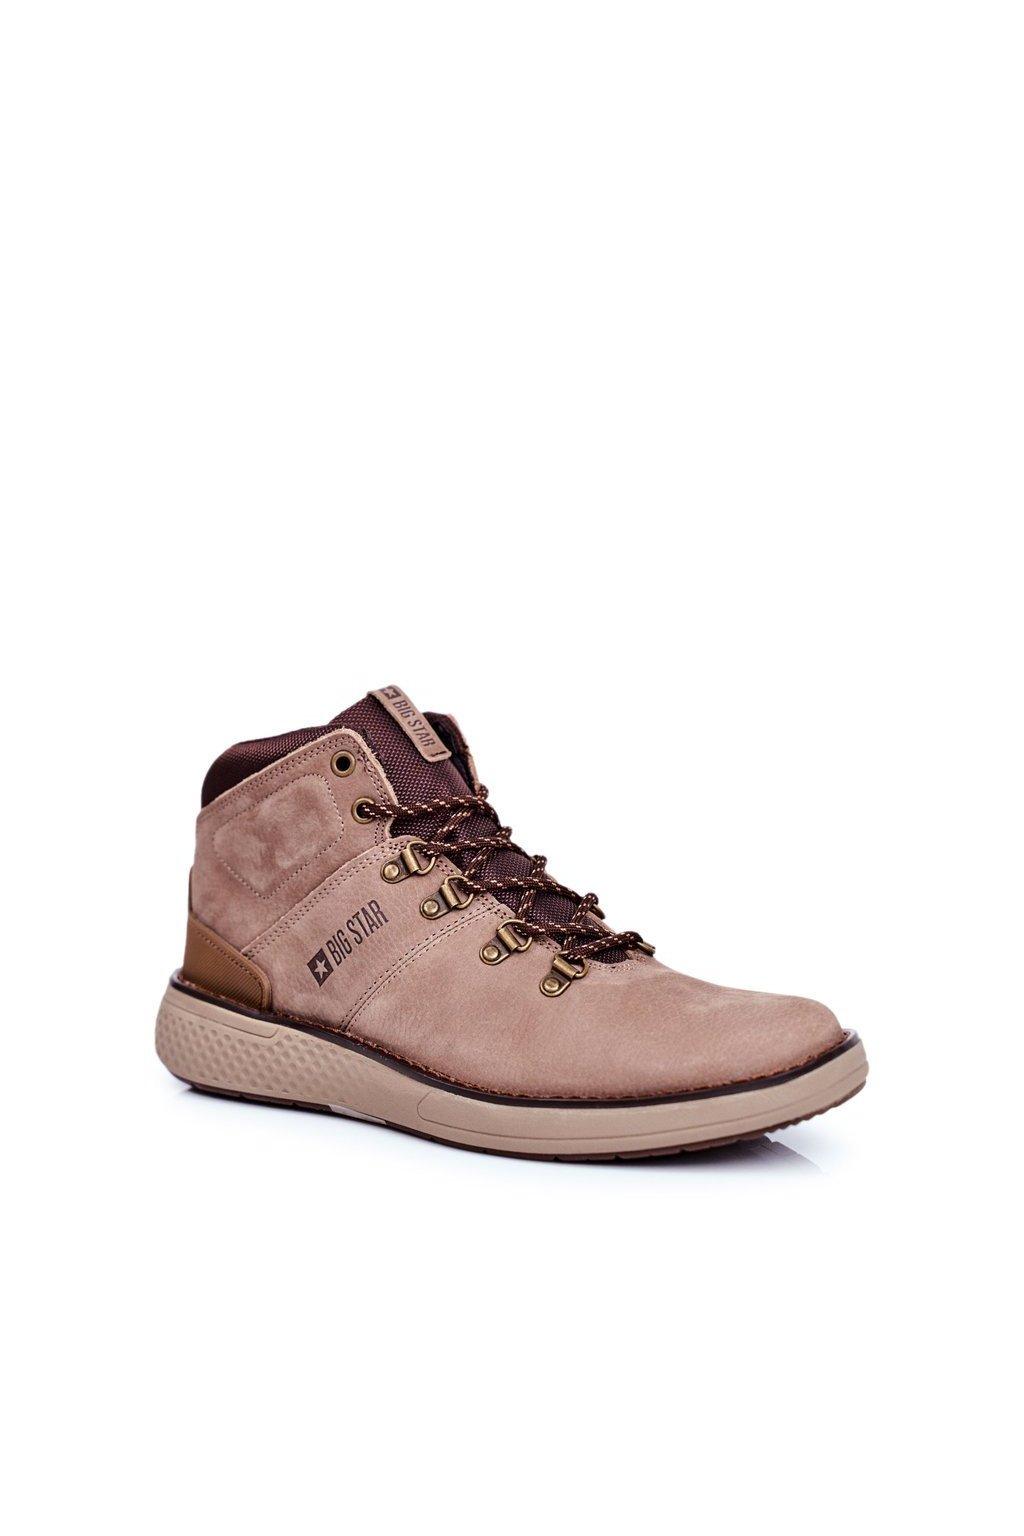 Pánske topánky na zimu farba hnedá kód obuvi GG174492 BROWN